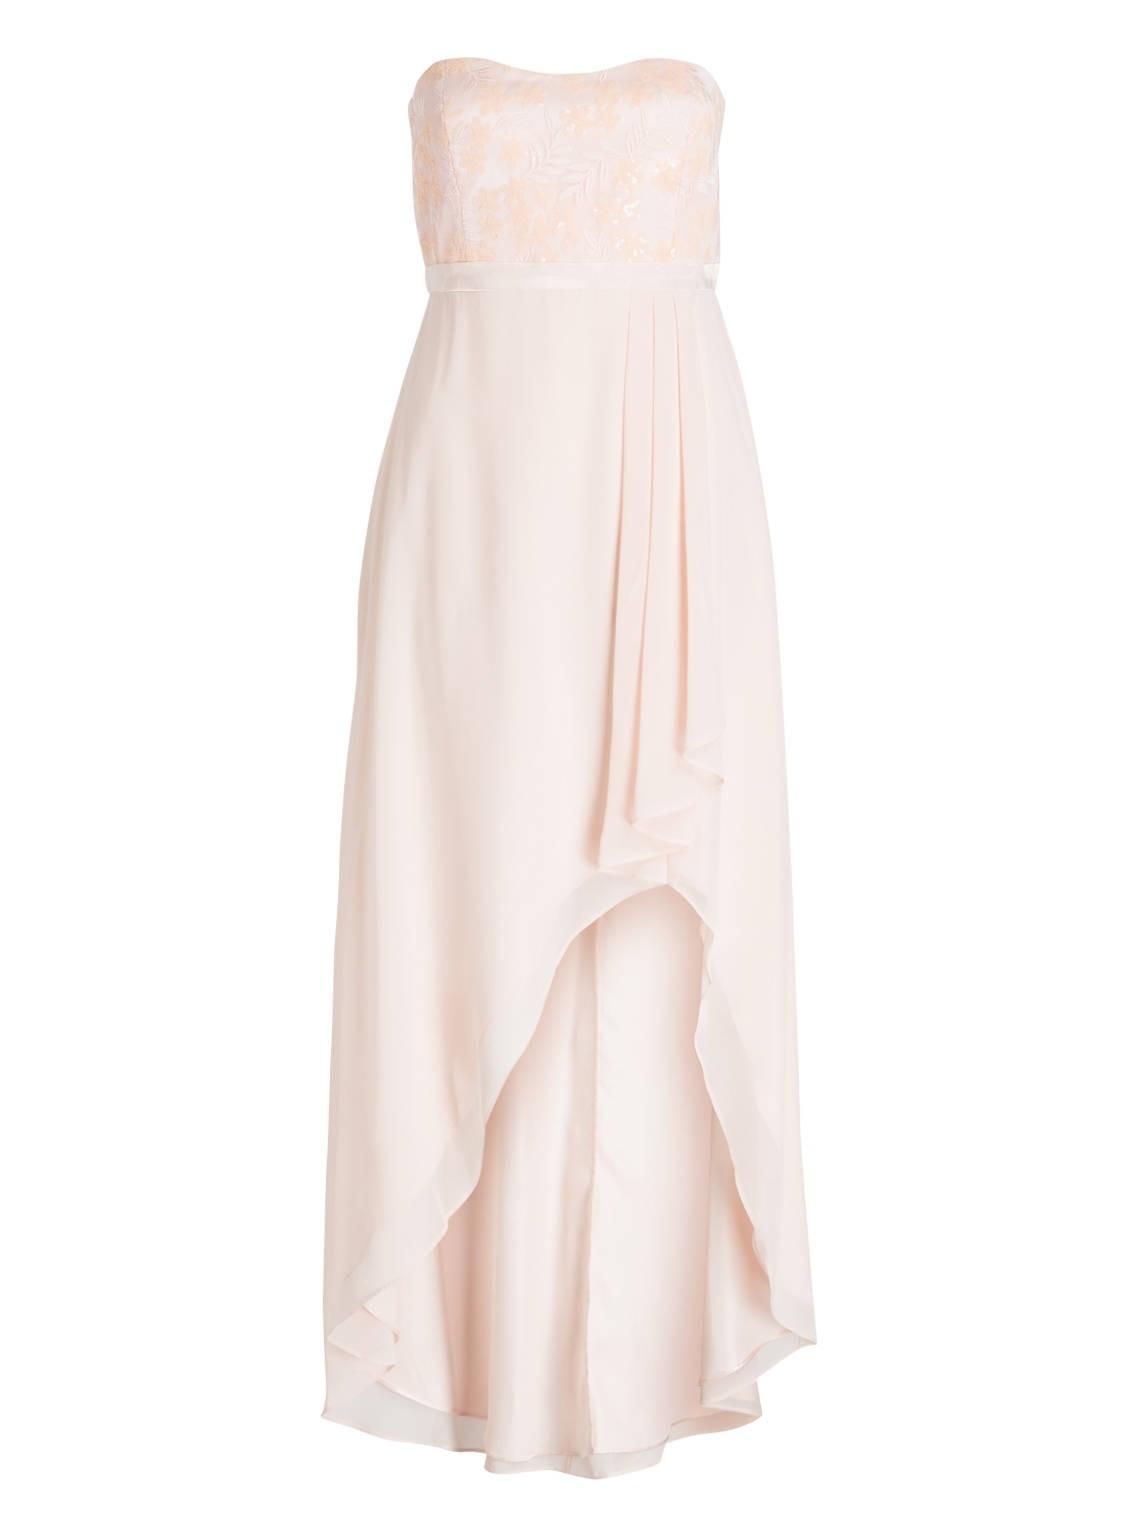 Erstaunlich Damen Kleider Abendkleid für 201917 Genial Damen Kleider Abendkleid Design